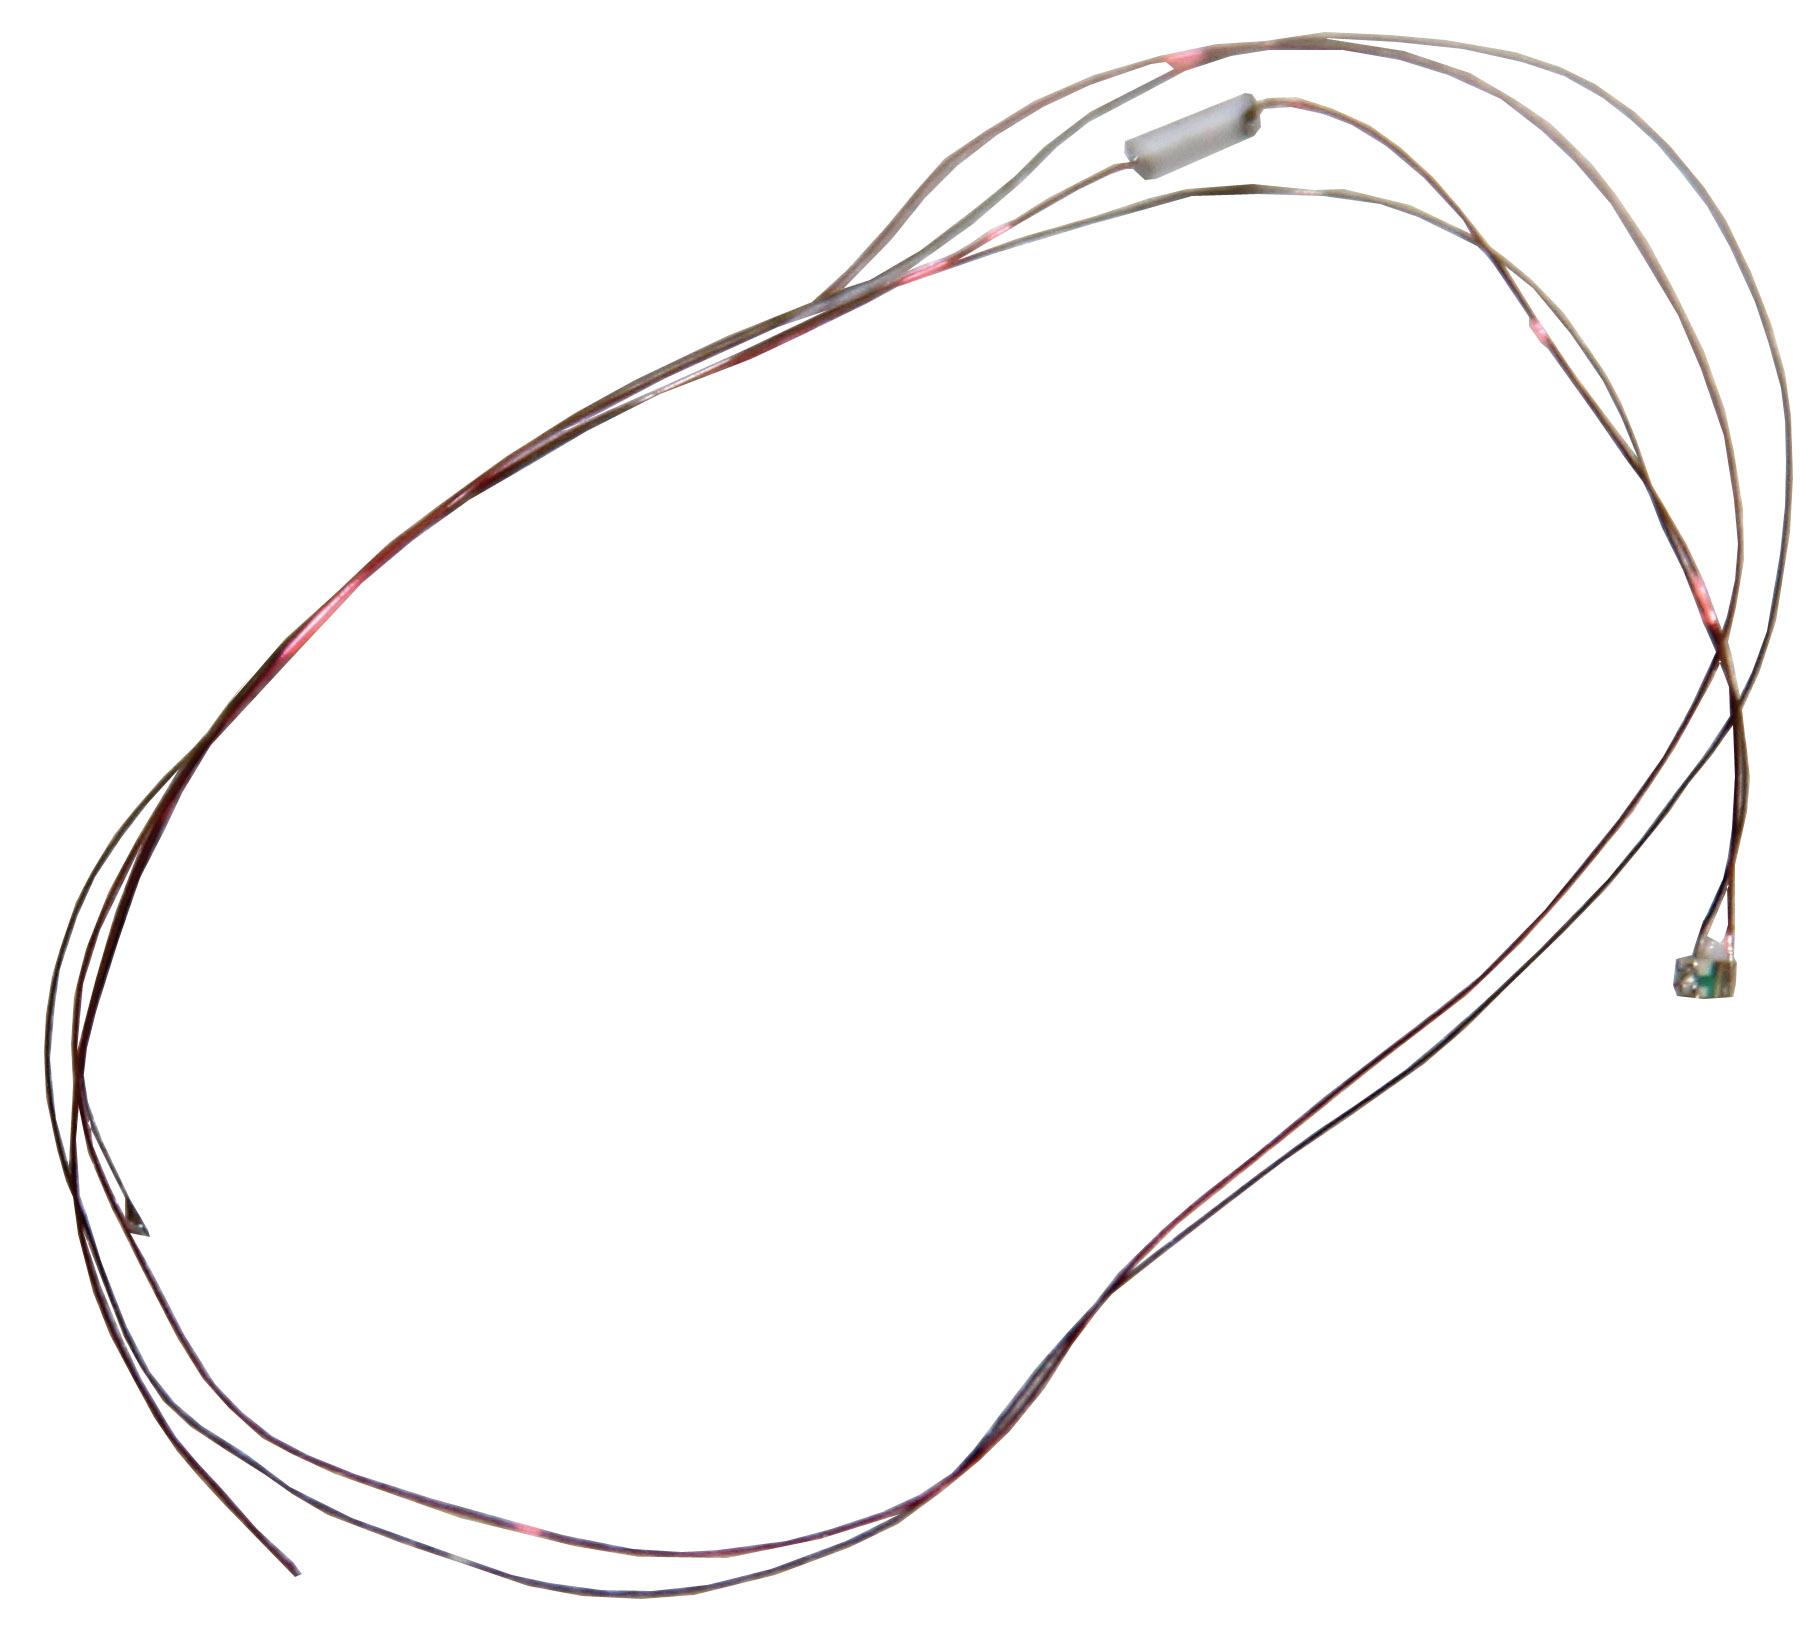 Leuchtdiode 0603, warmweiß mit Kabel, 3,7-4,8 V